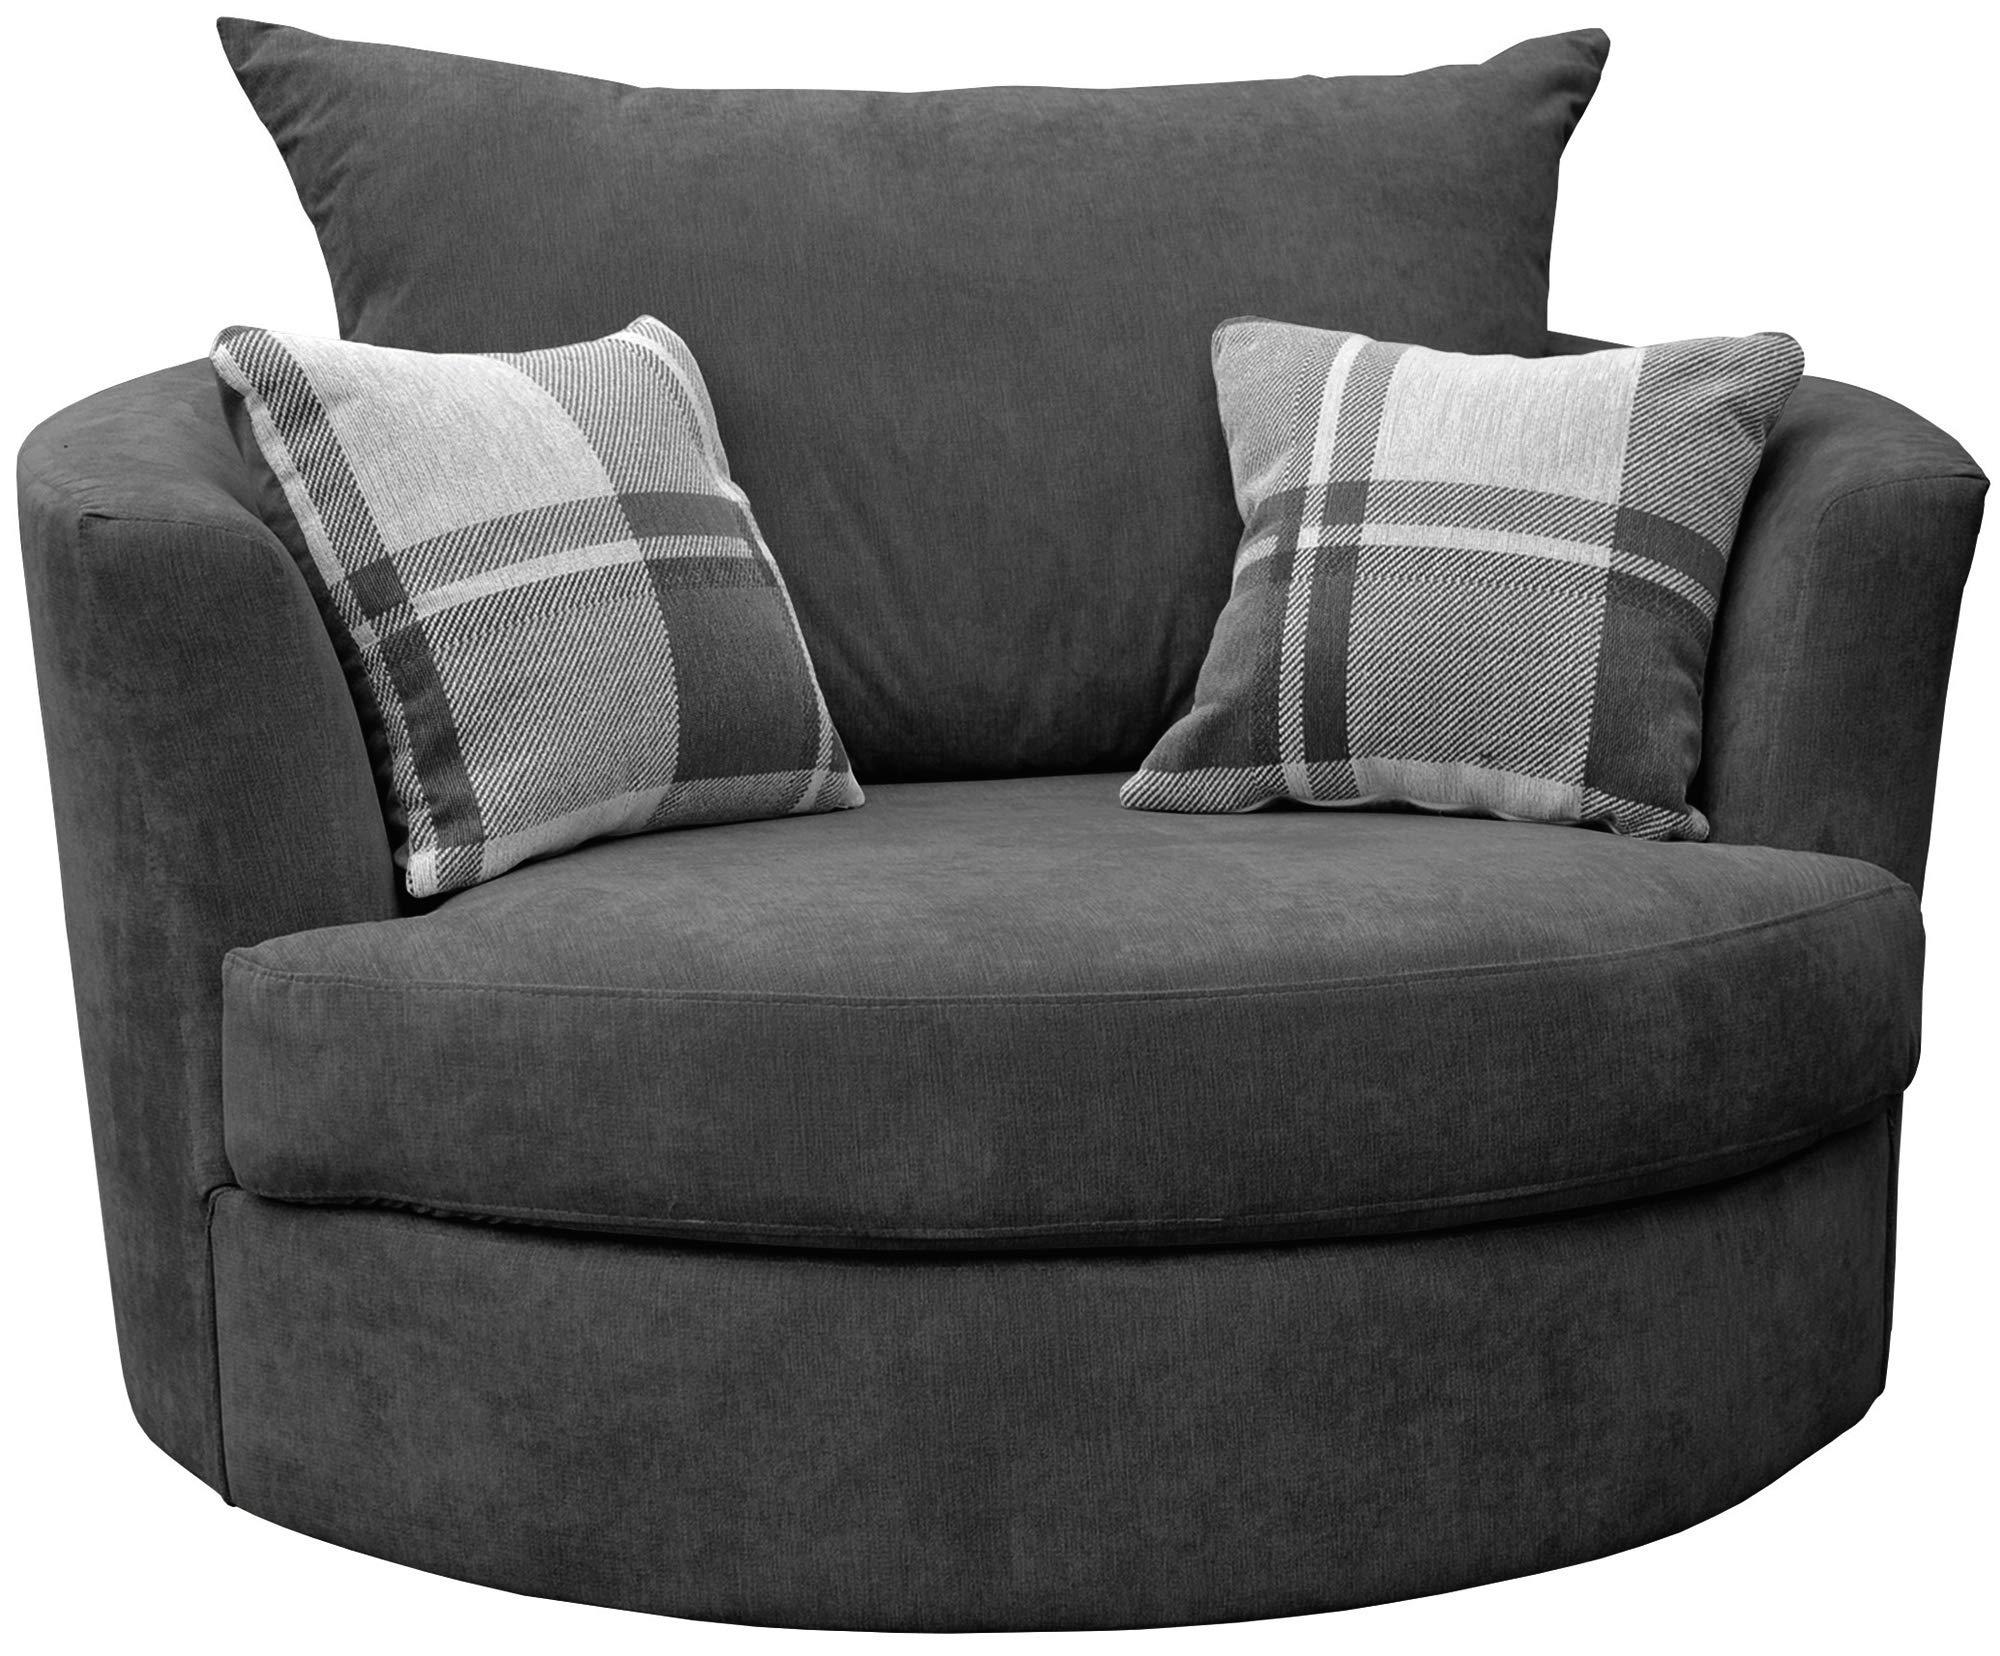 swivel sofa chair amazon co uk rh amazon co uk swivel sofa chair ikea swivel chair sofa bed